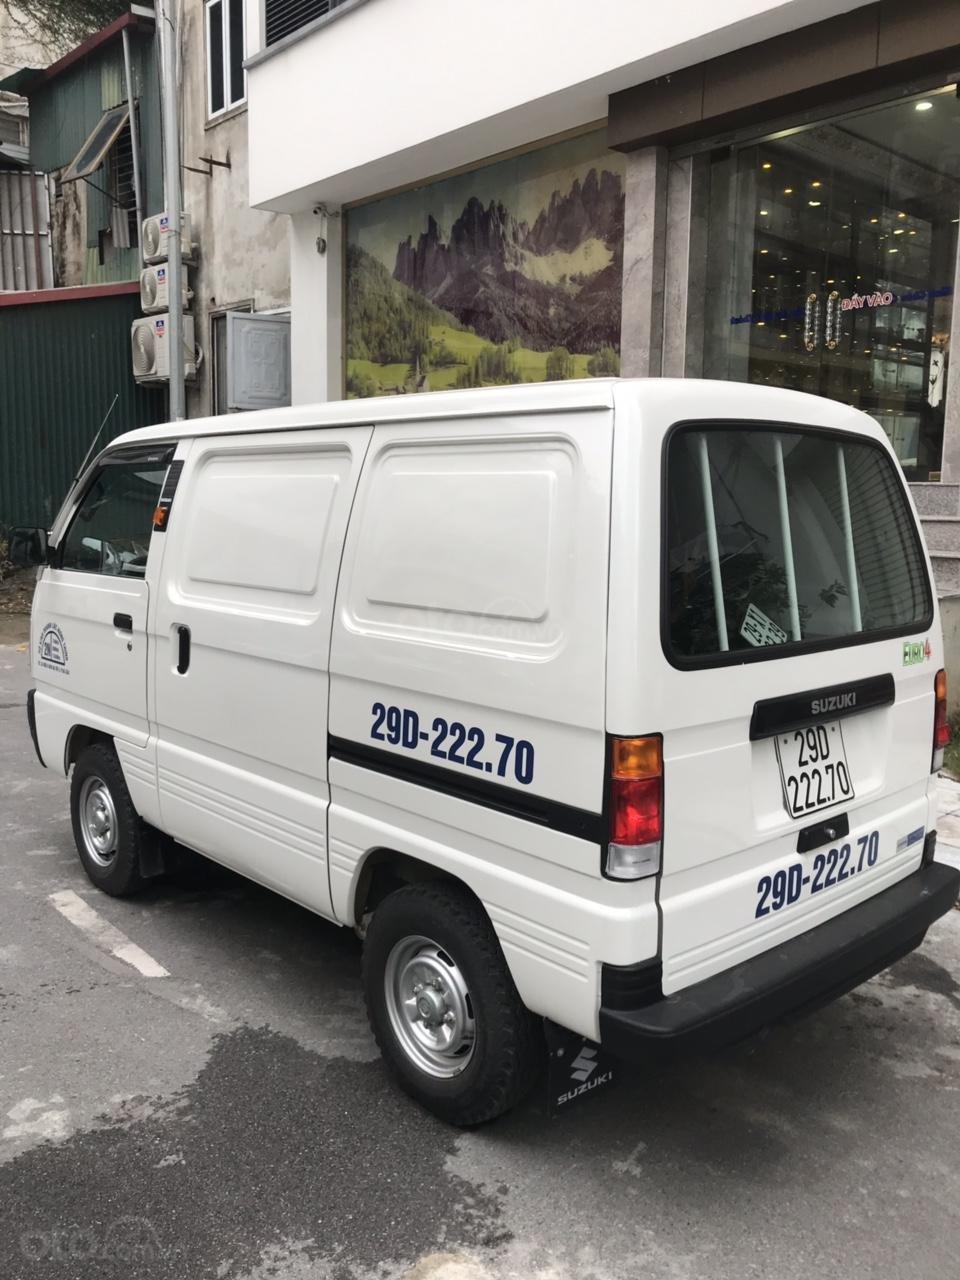 Cực hot Suzuki tải Van siêu lướt 2019 biển Hà Nội (4)